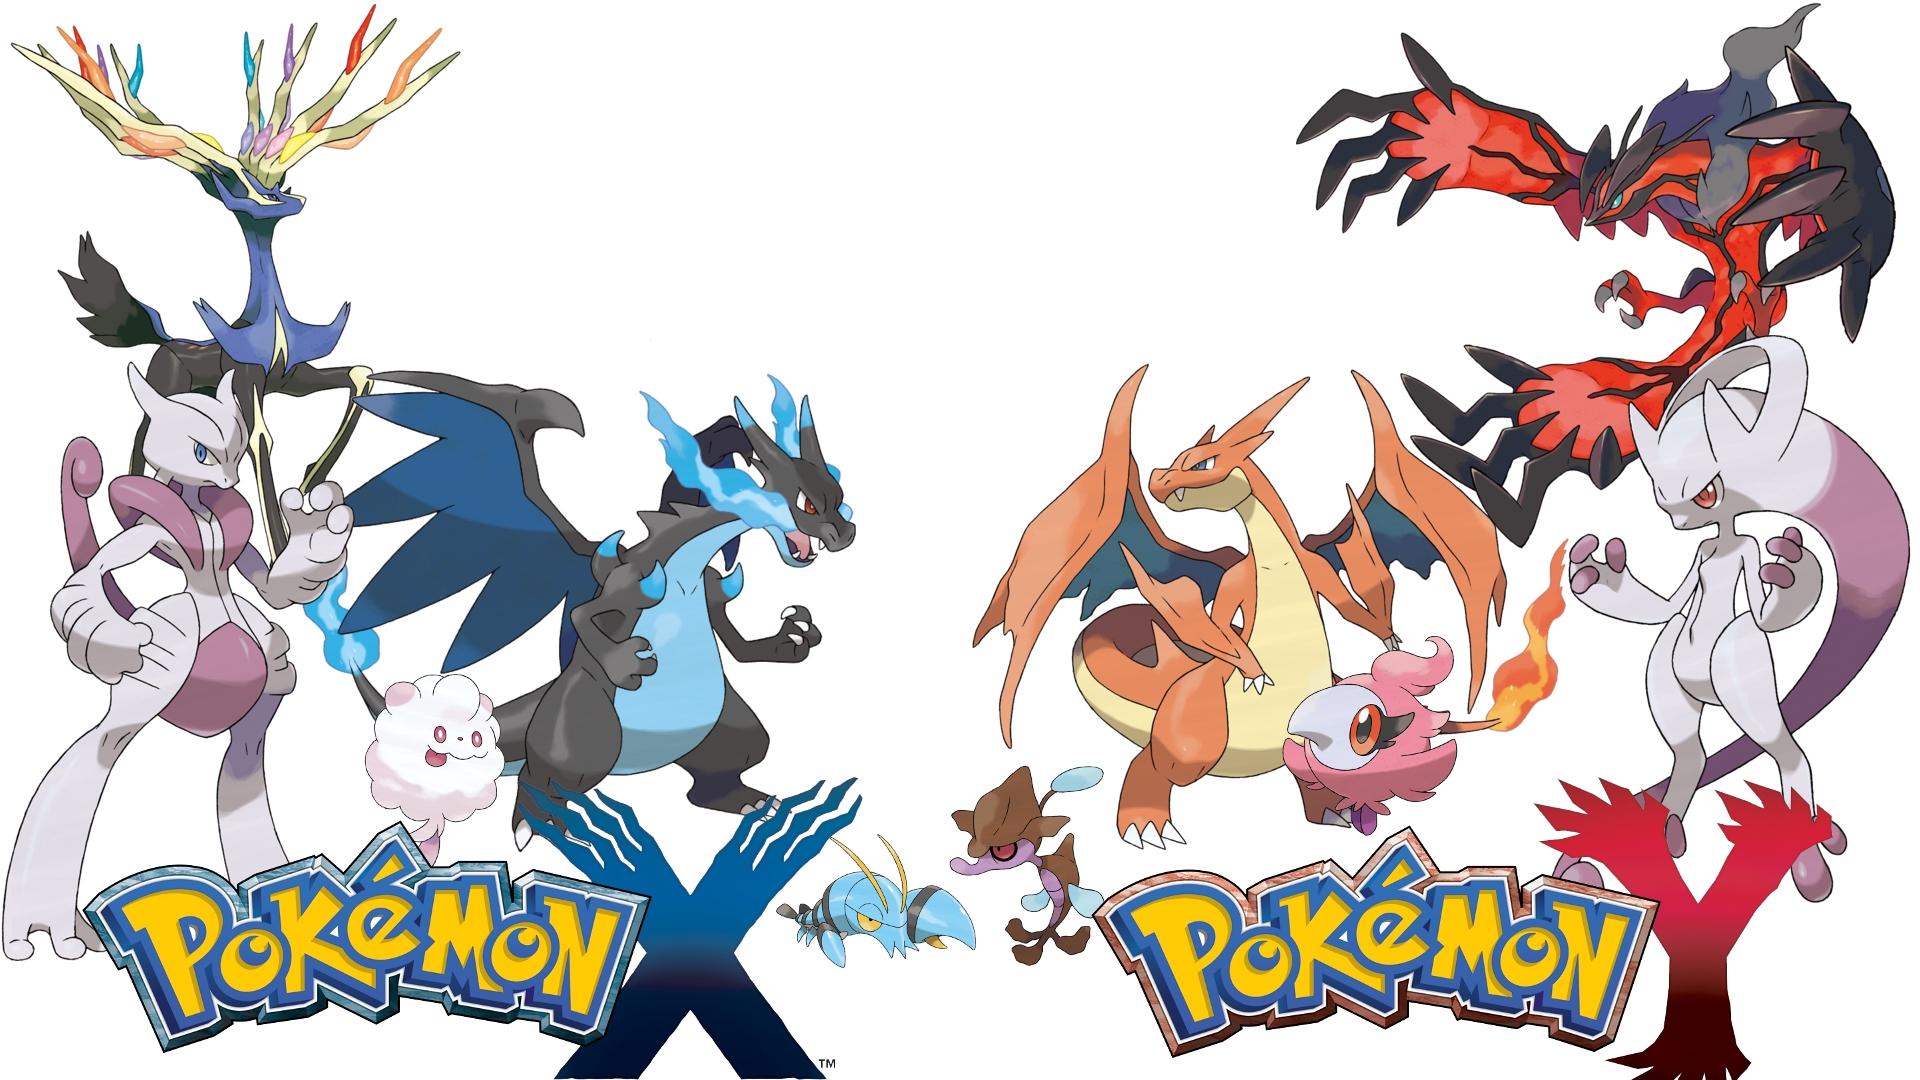 pokemonX2